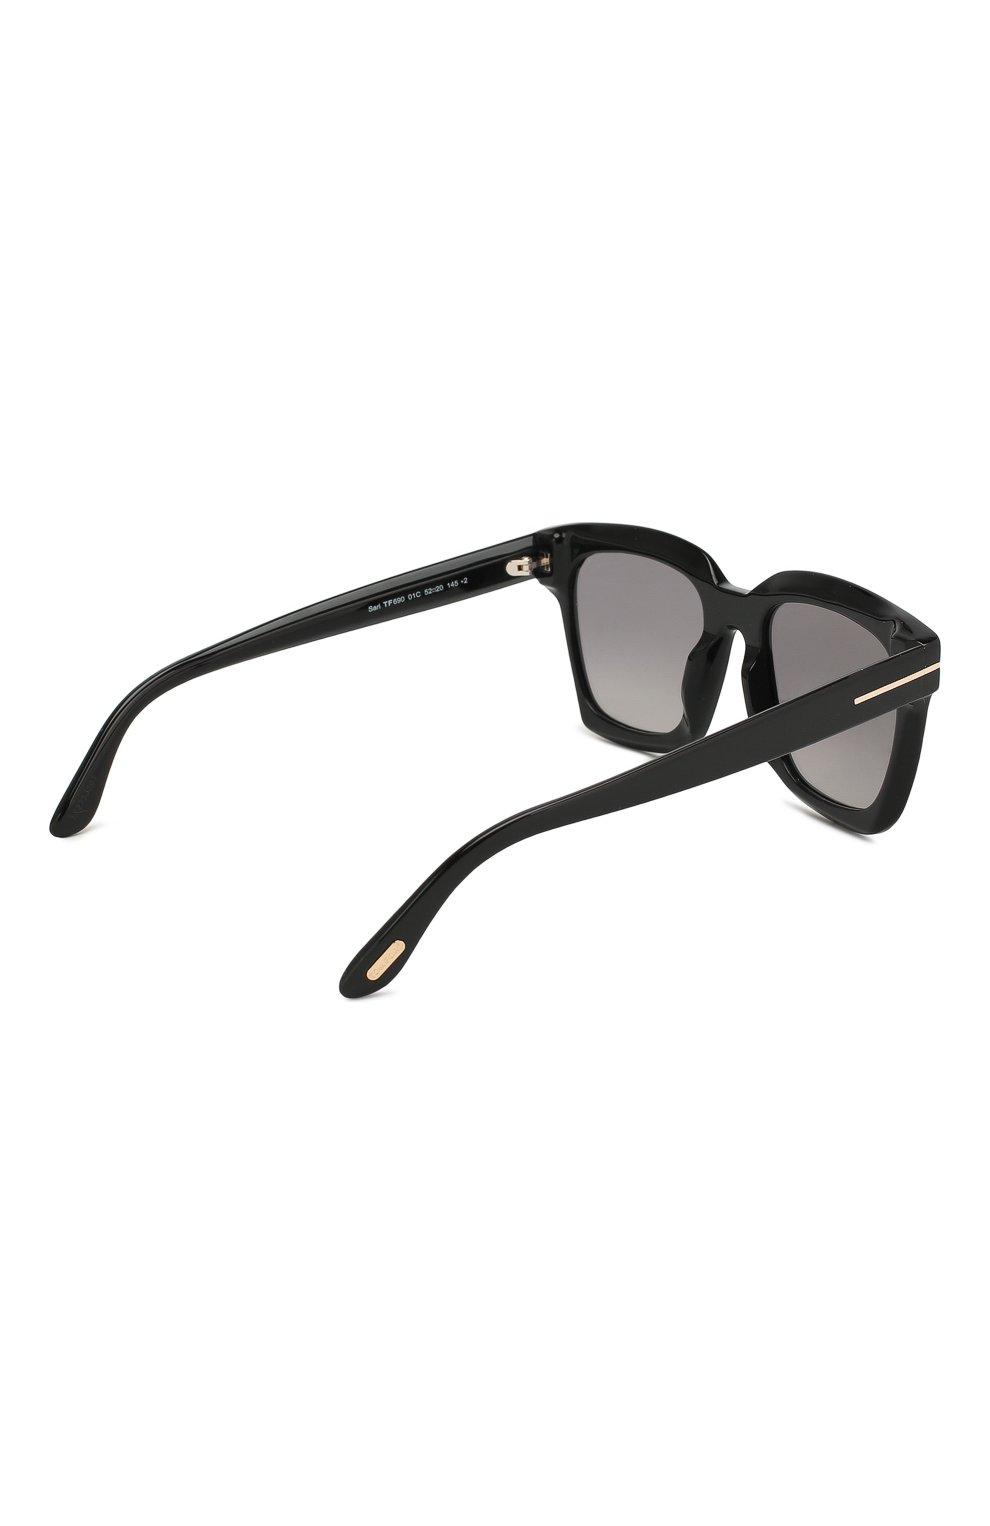 Женские солнцезащитные очки TOM FORD черного цвета, арт. TF690 01C | Фото 4